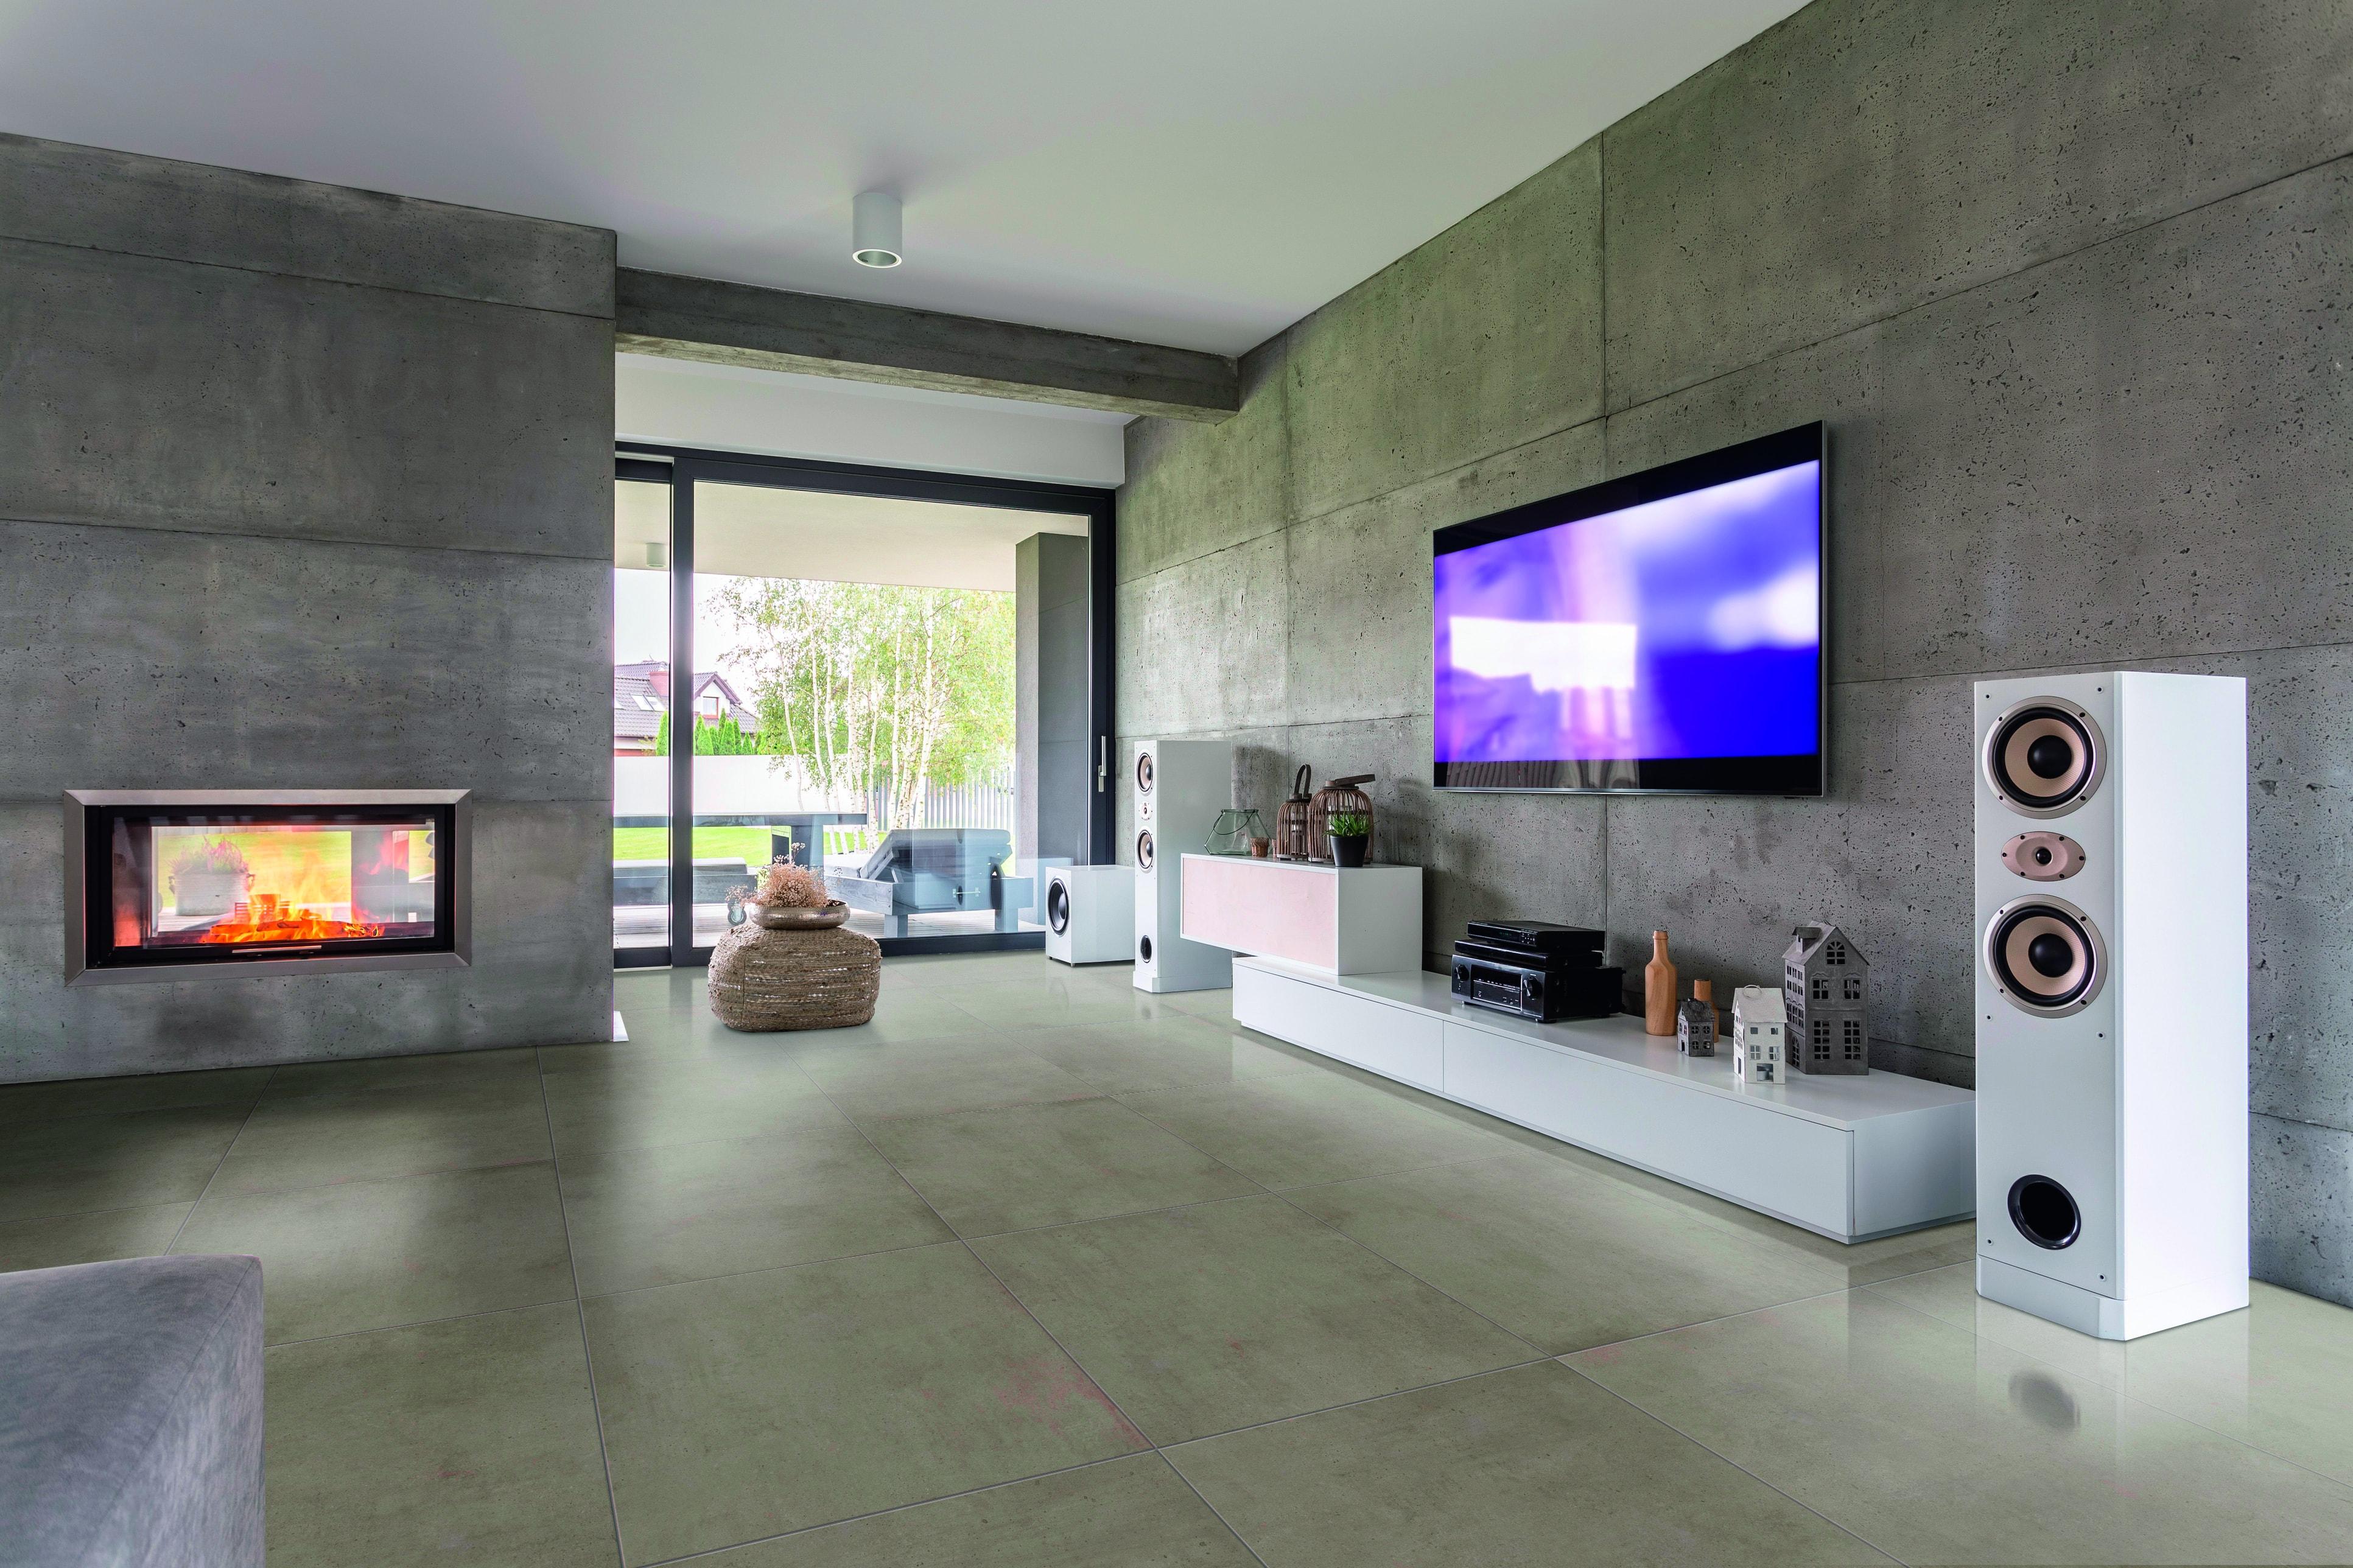 Livingstone Fliese ab 44,99 €/m²